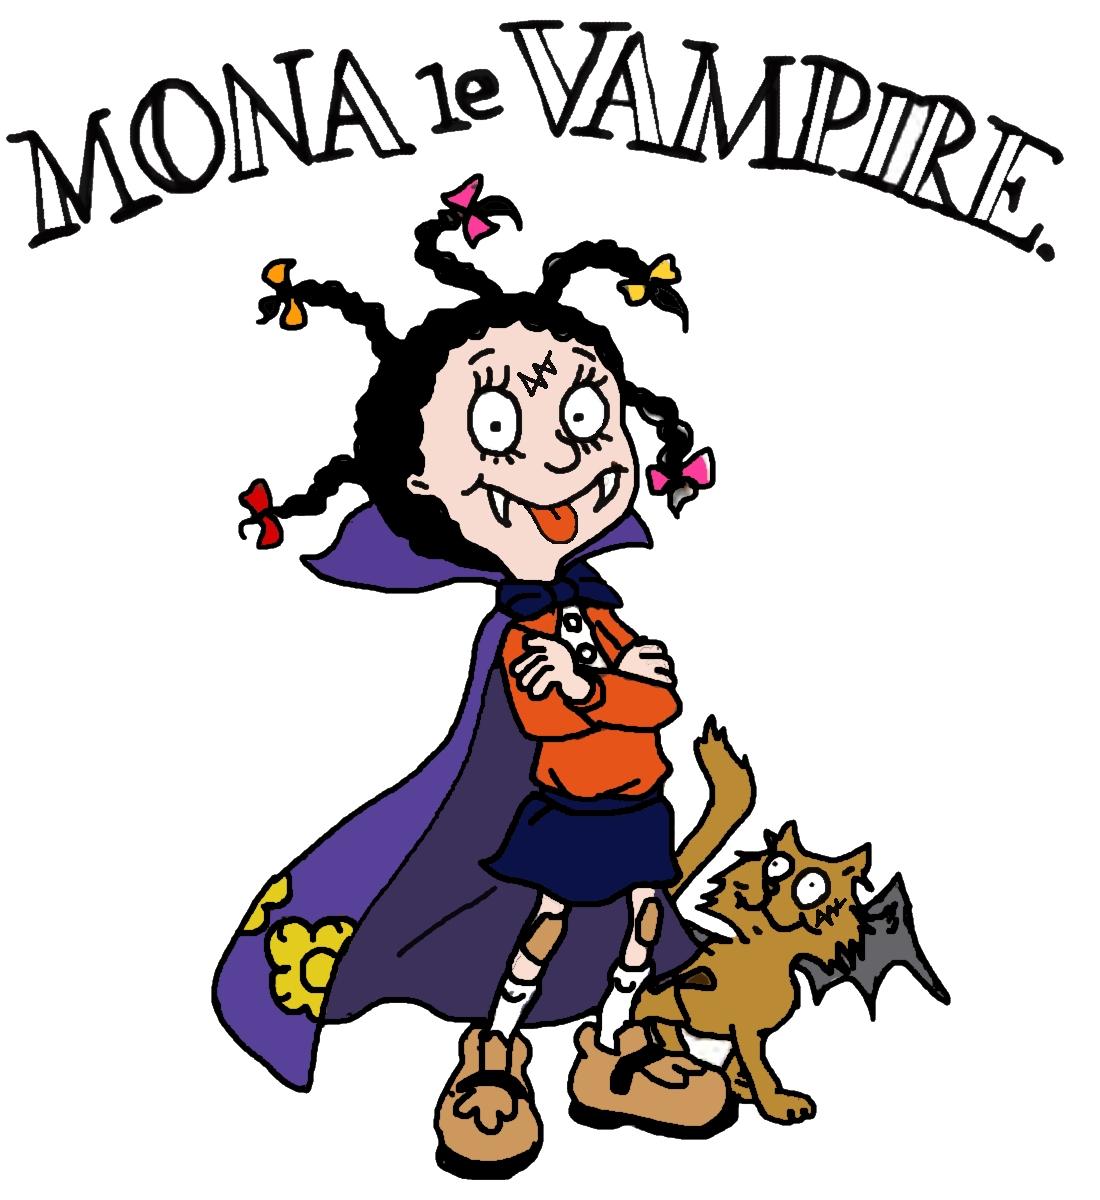 mona_la_vampira_mi_favorita_serie_del_11_48415.jpg